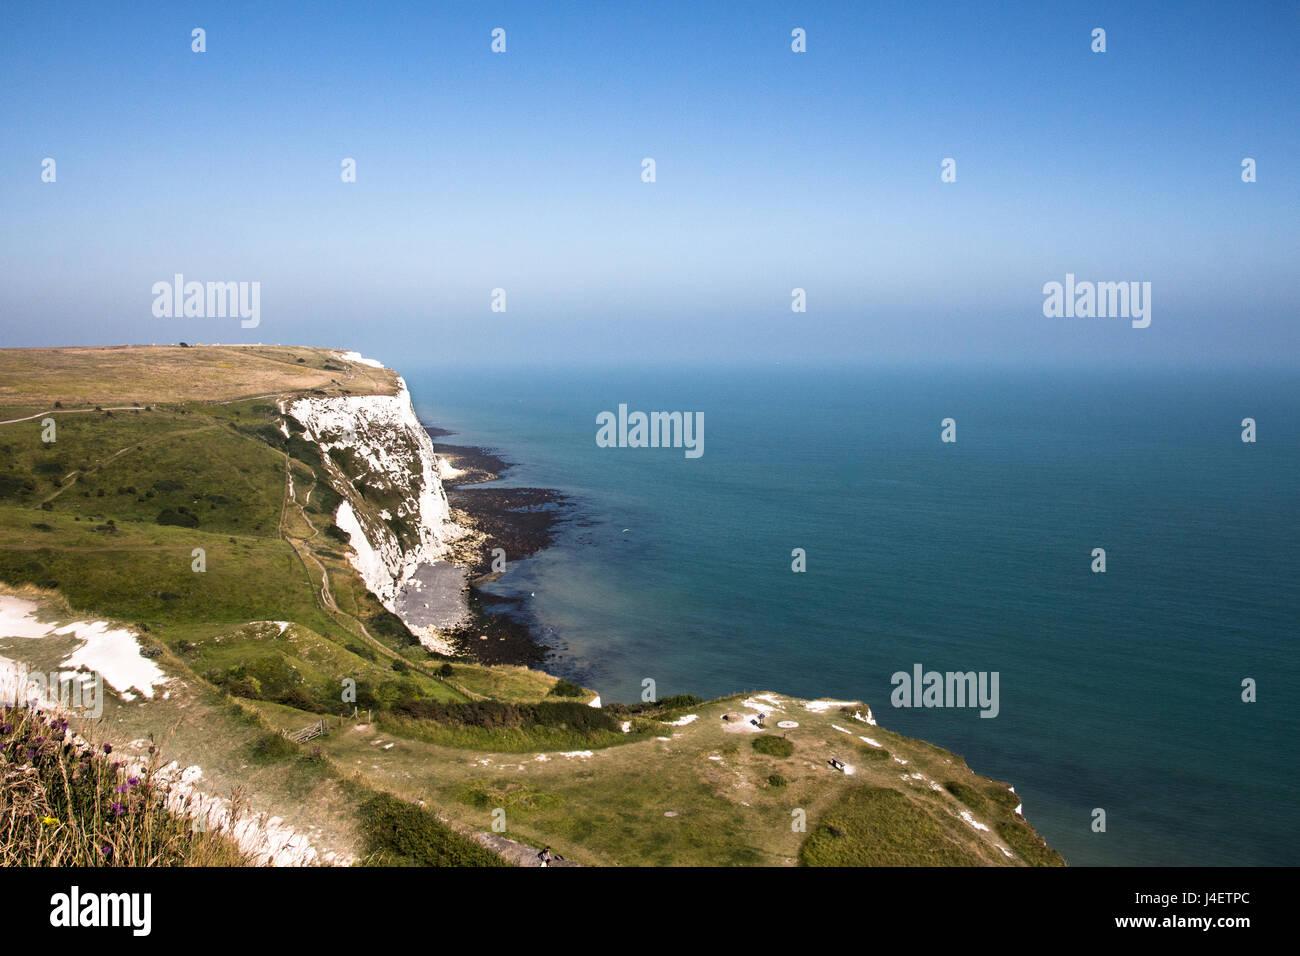 Le Bianche Scogliere di Dover su un soleggiato blue sky giorno. Immagini Stock